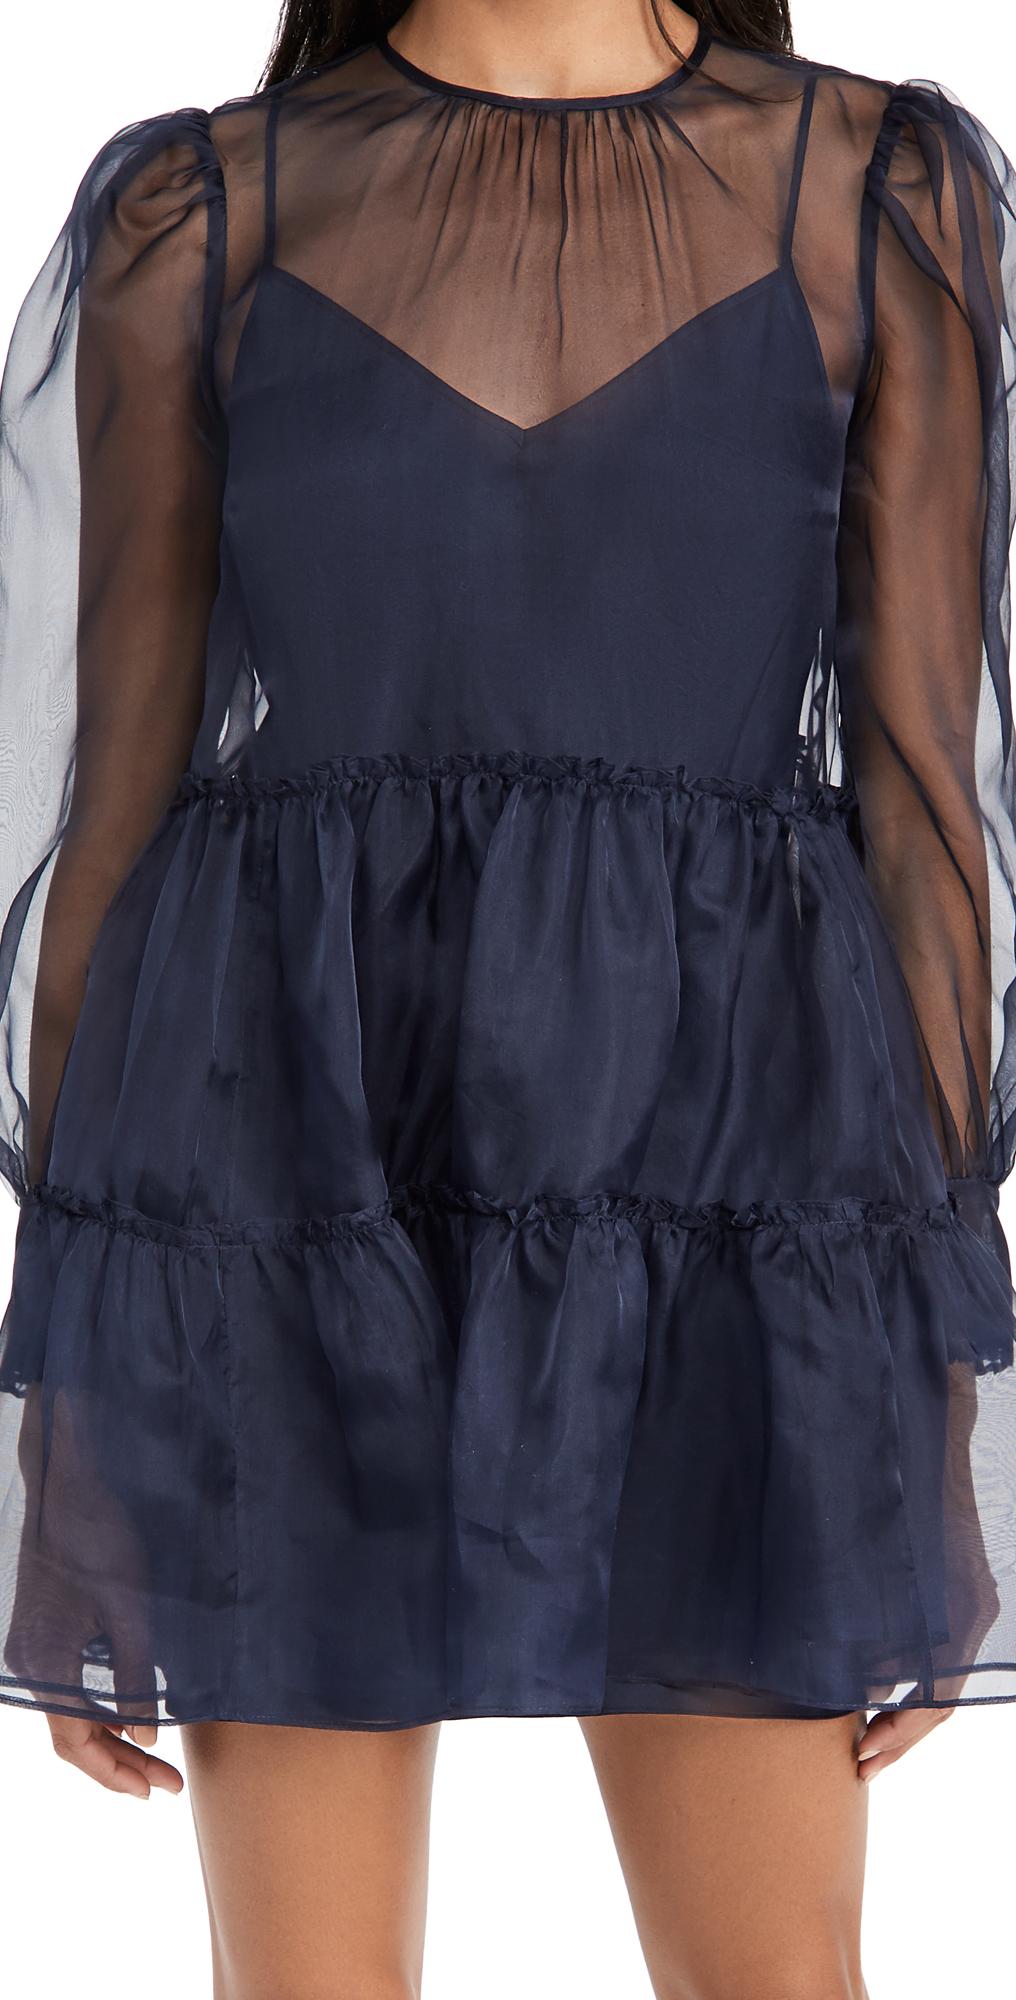 Cinq a Sept Rhonda Dress